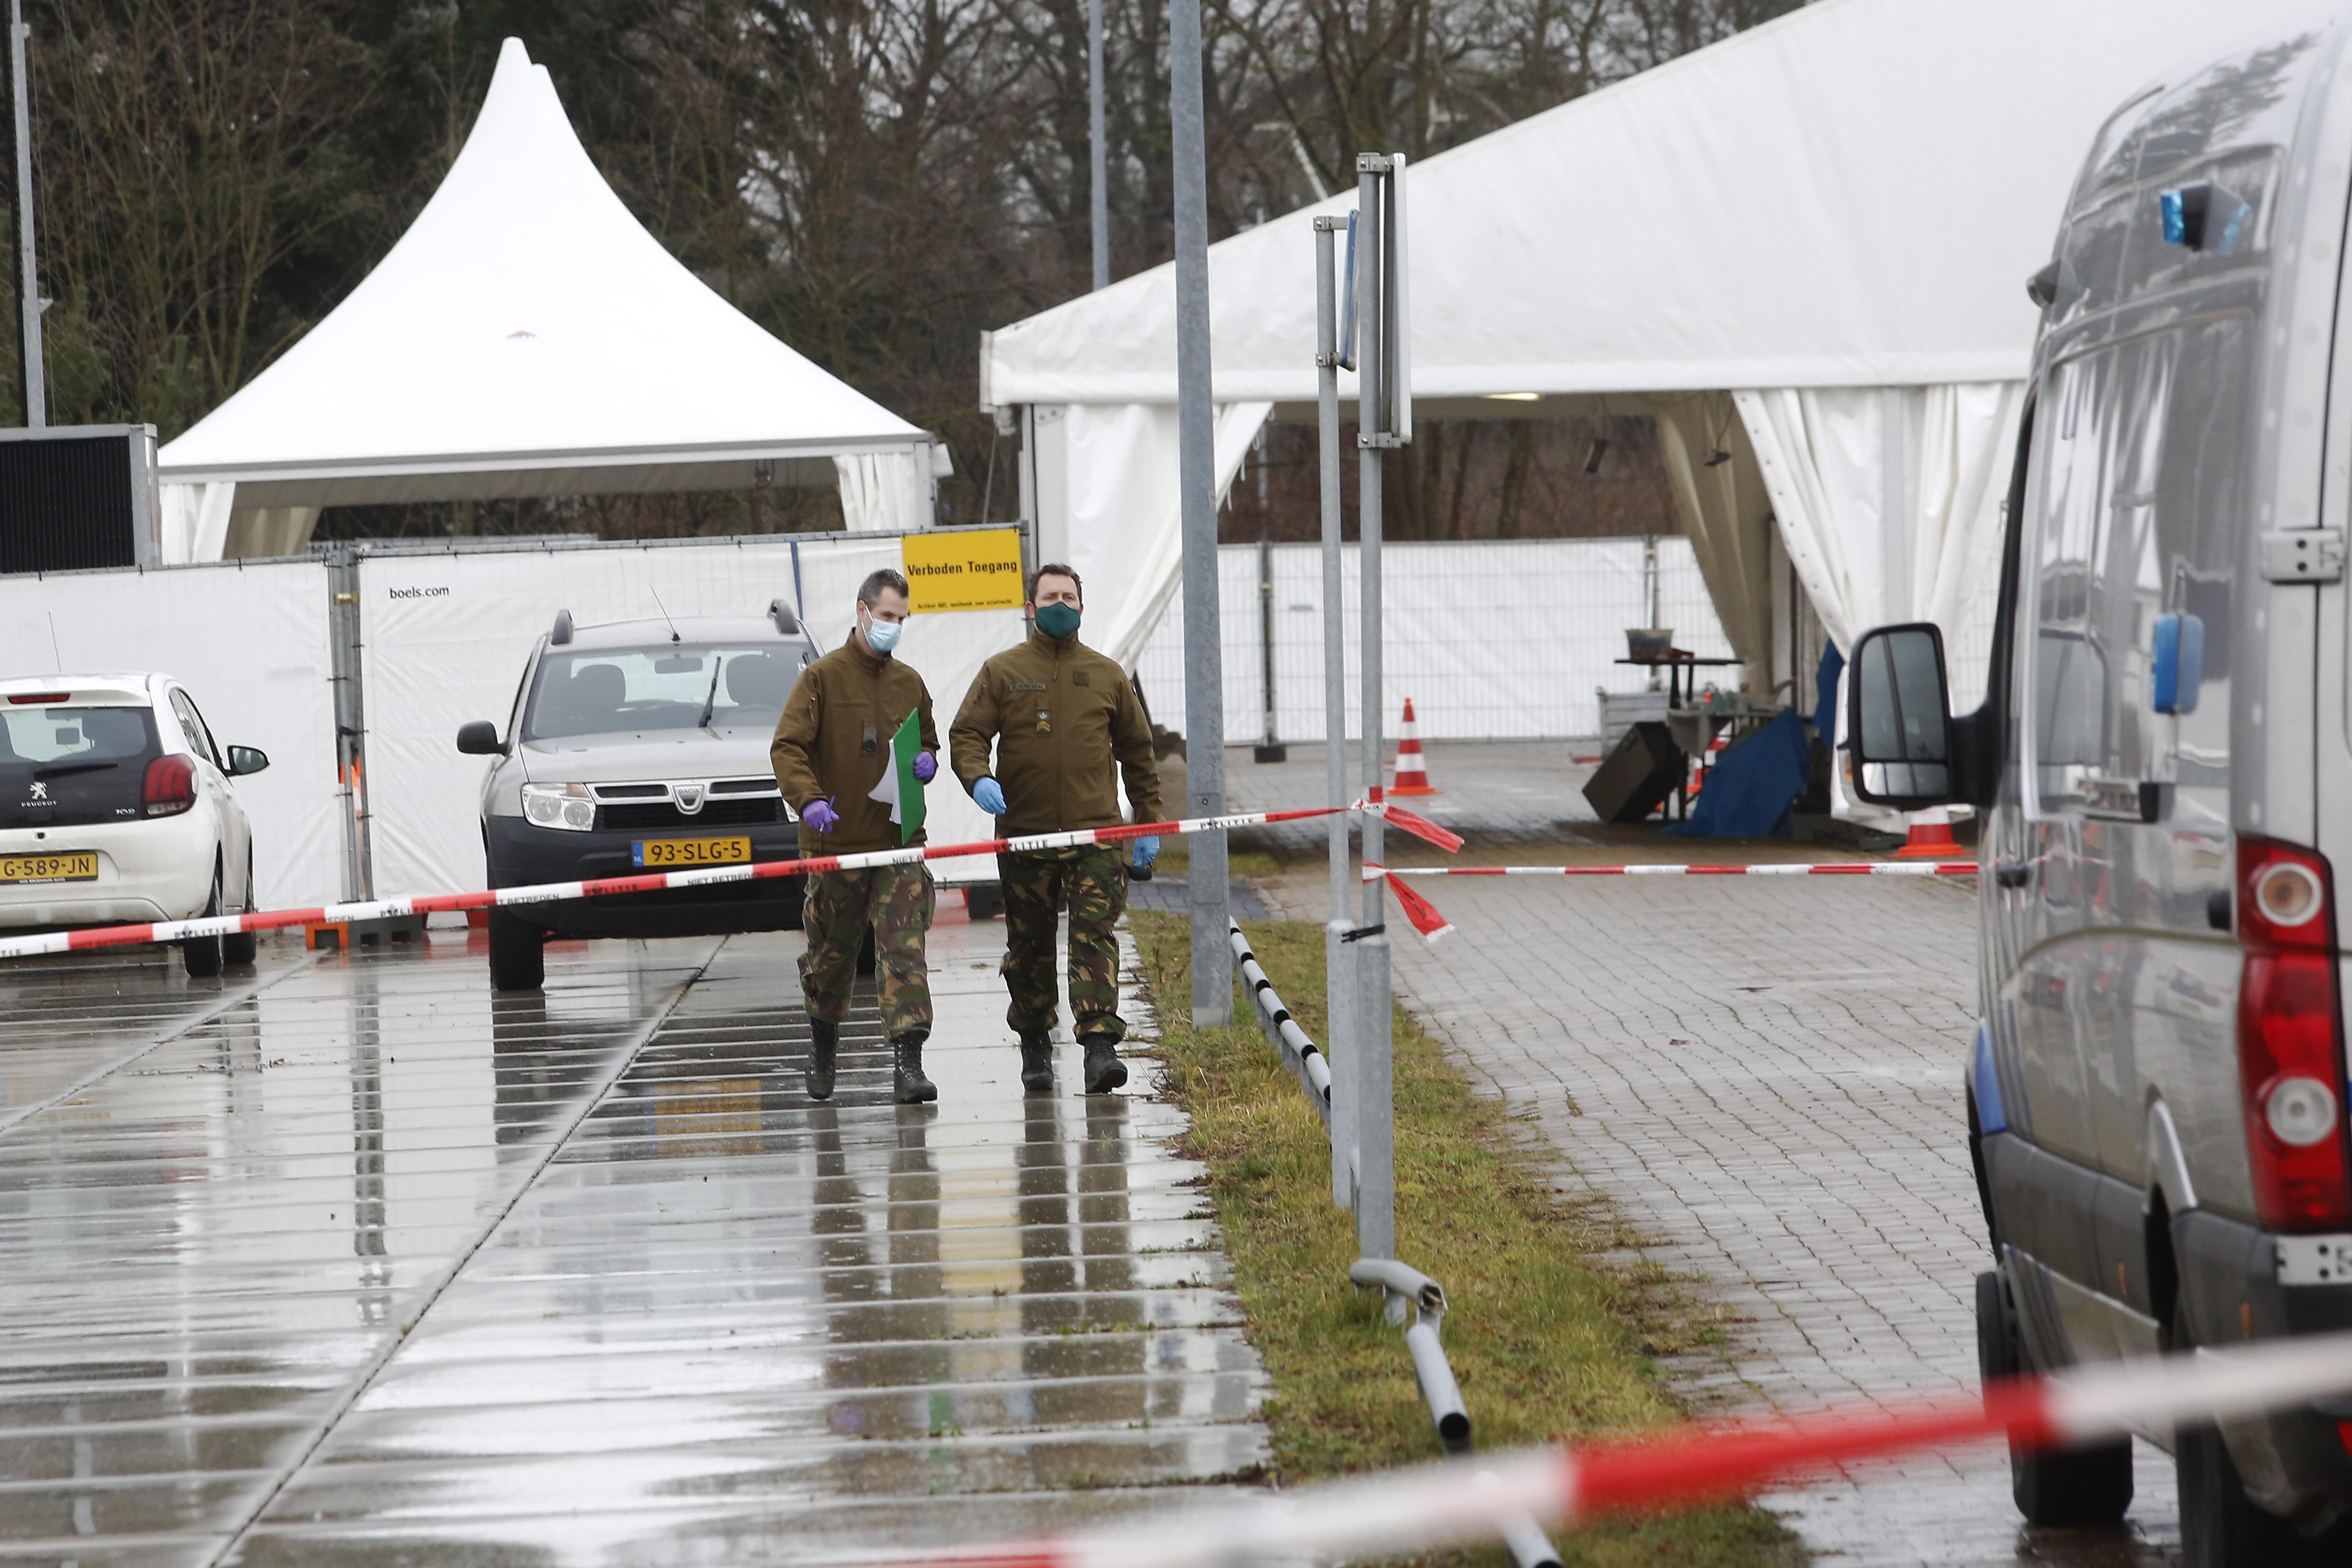 Gooise GGD schroeft beveiliging teststraten op na vondst 'brandbare goederen' en vuurwerk; 'Onze medewerkers zijn erg geschrokken'